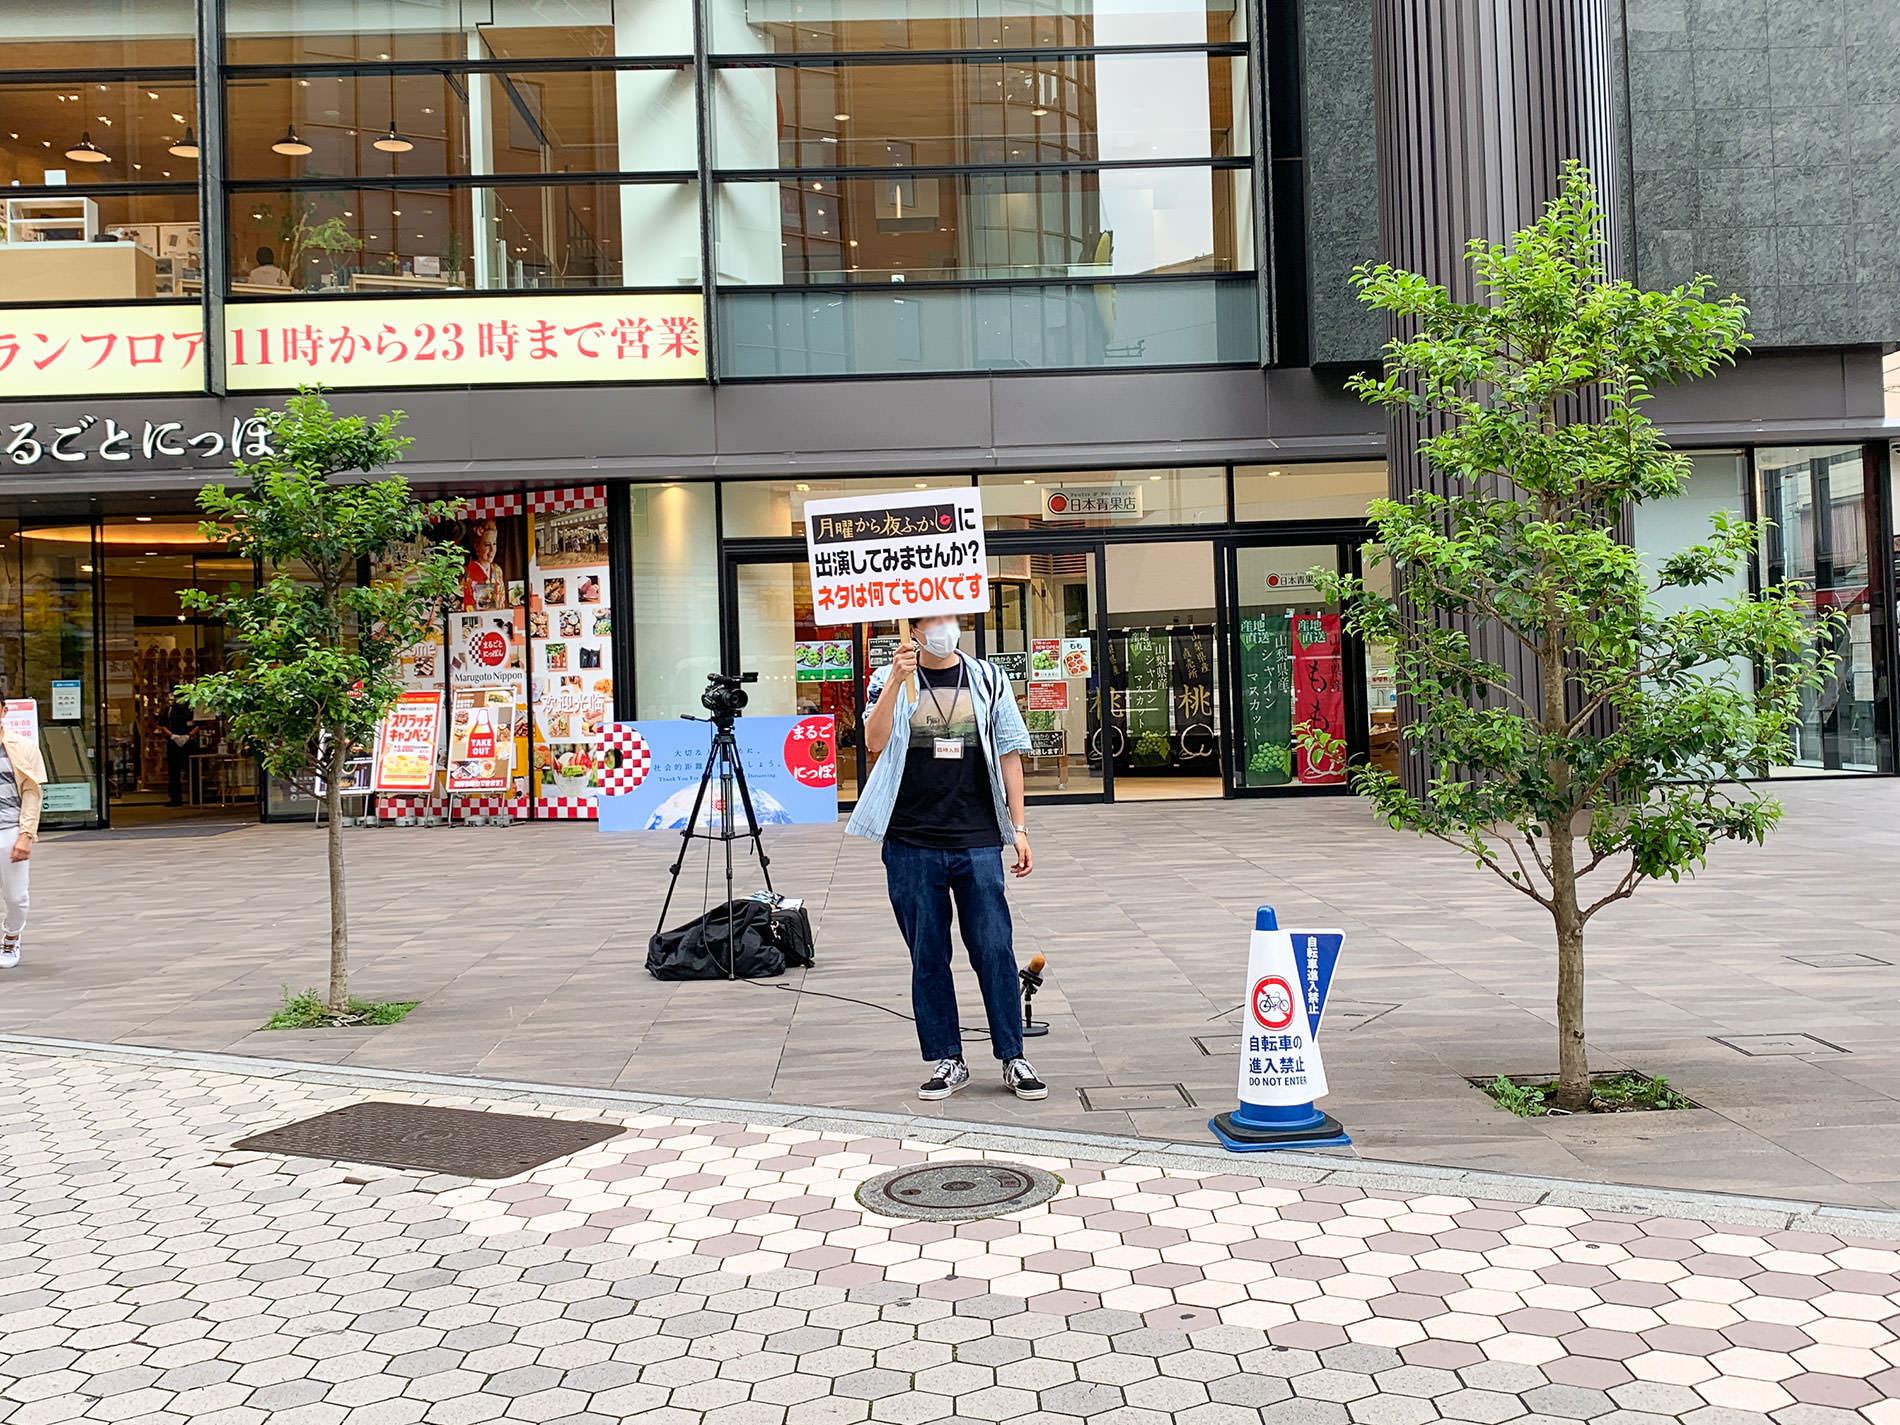 浅草散歩 | Walking in Asakusa Tokyo 2020